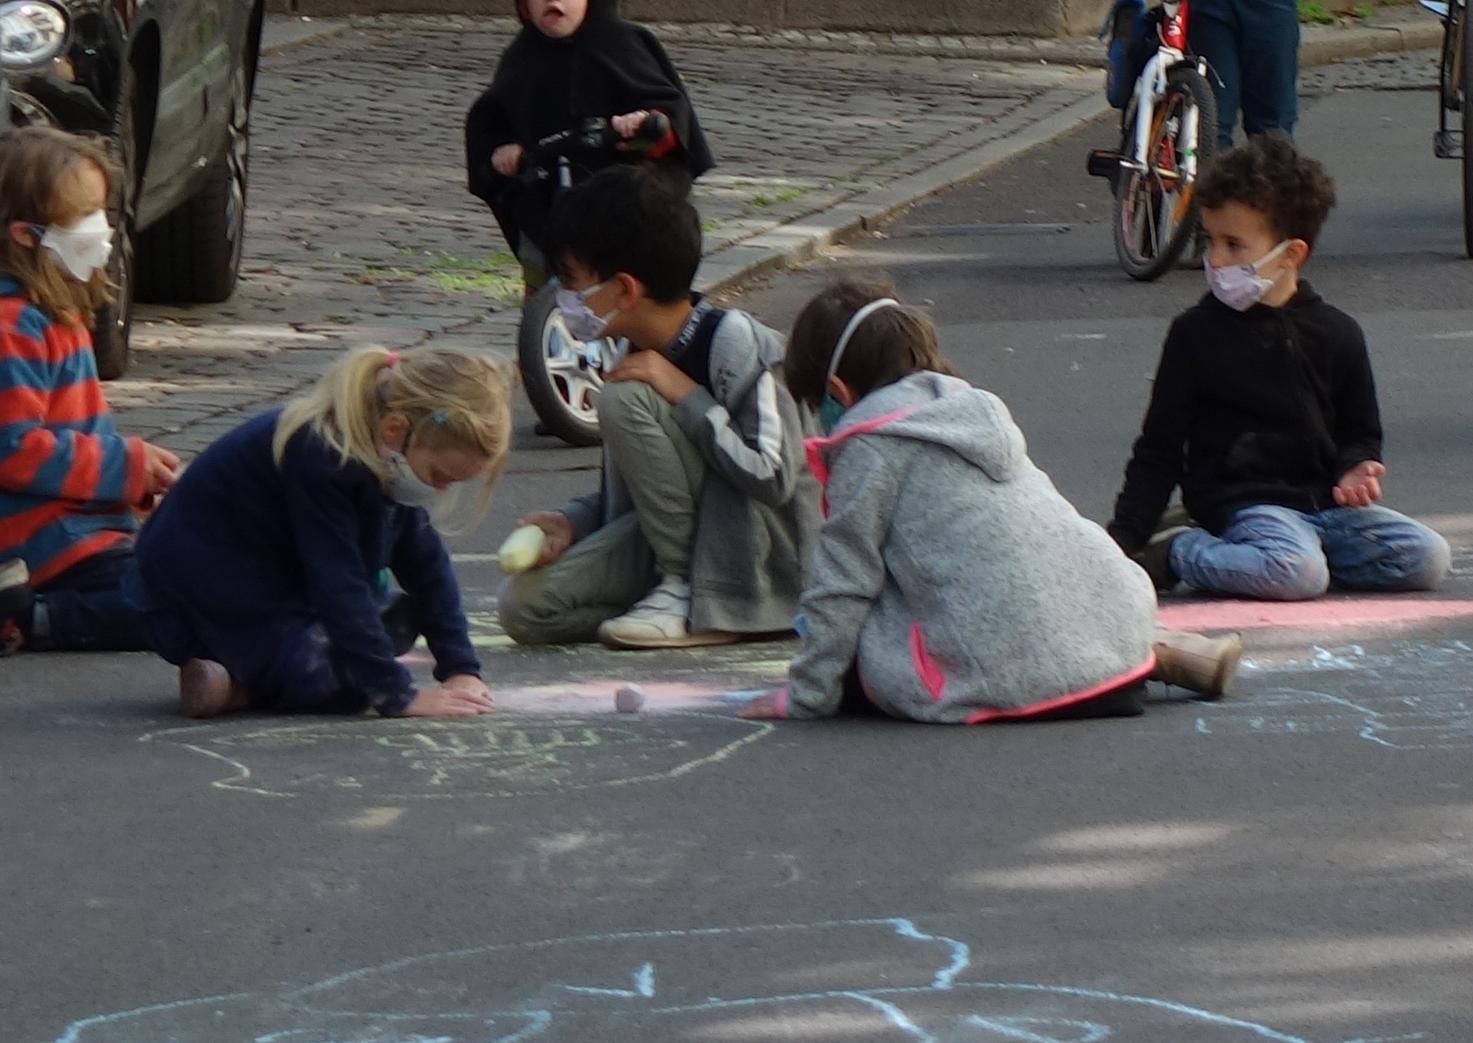 Kinder mit Masken malen mit Straßenkreide